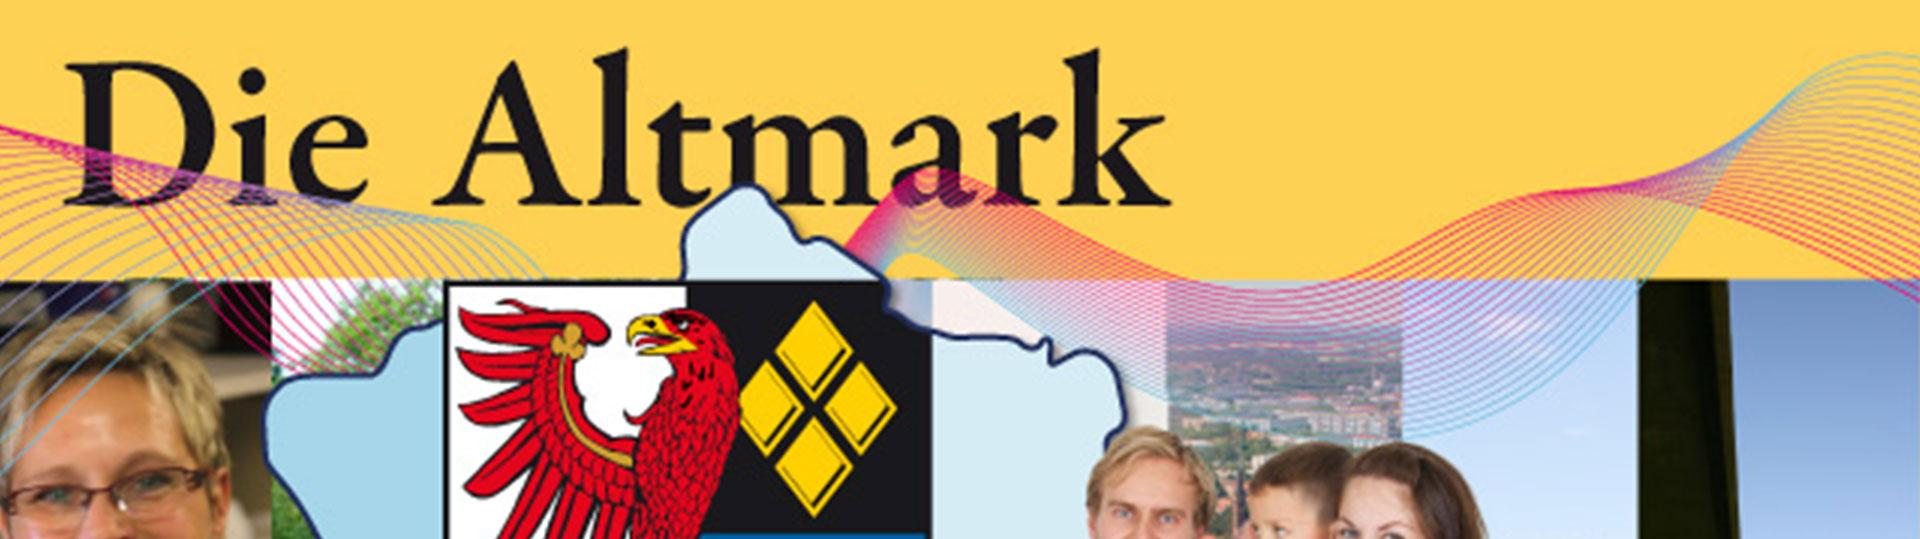 Titelbild die Altmark, Wirtschaftsbroschüre